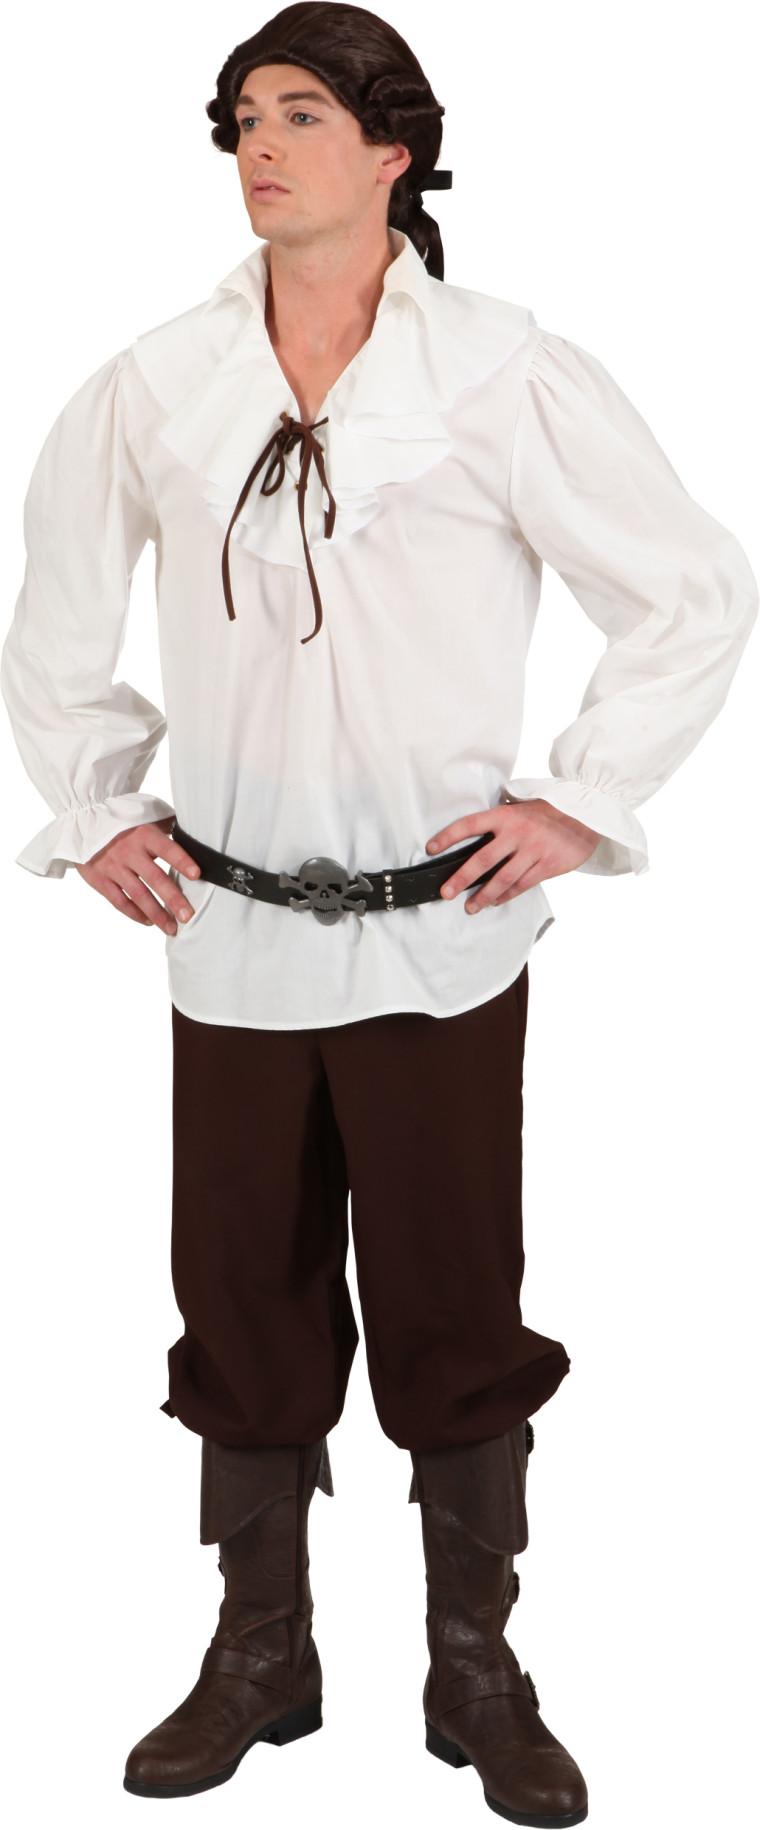 gewandhemd f r herren passend historische verkleidung. Black Bedroom Furniture Sets. Home Design Ideas